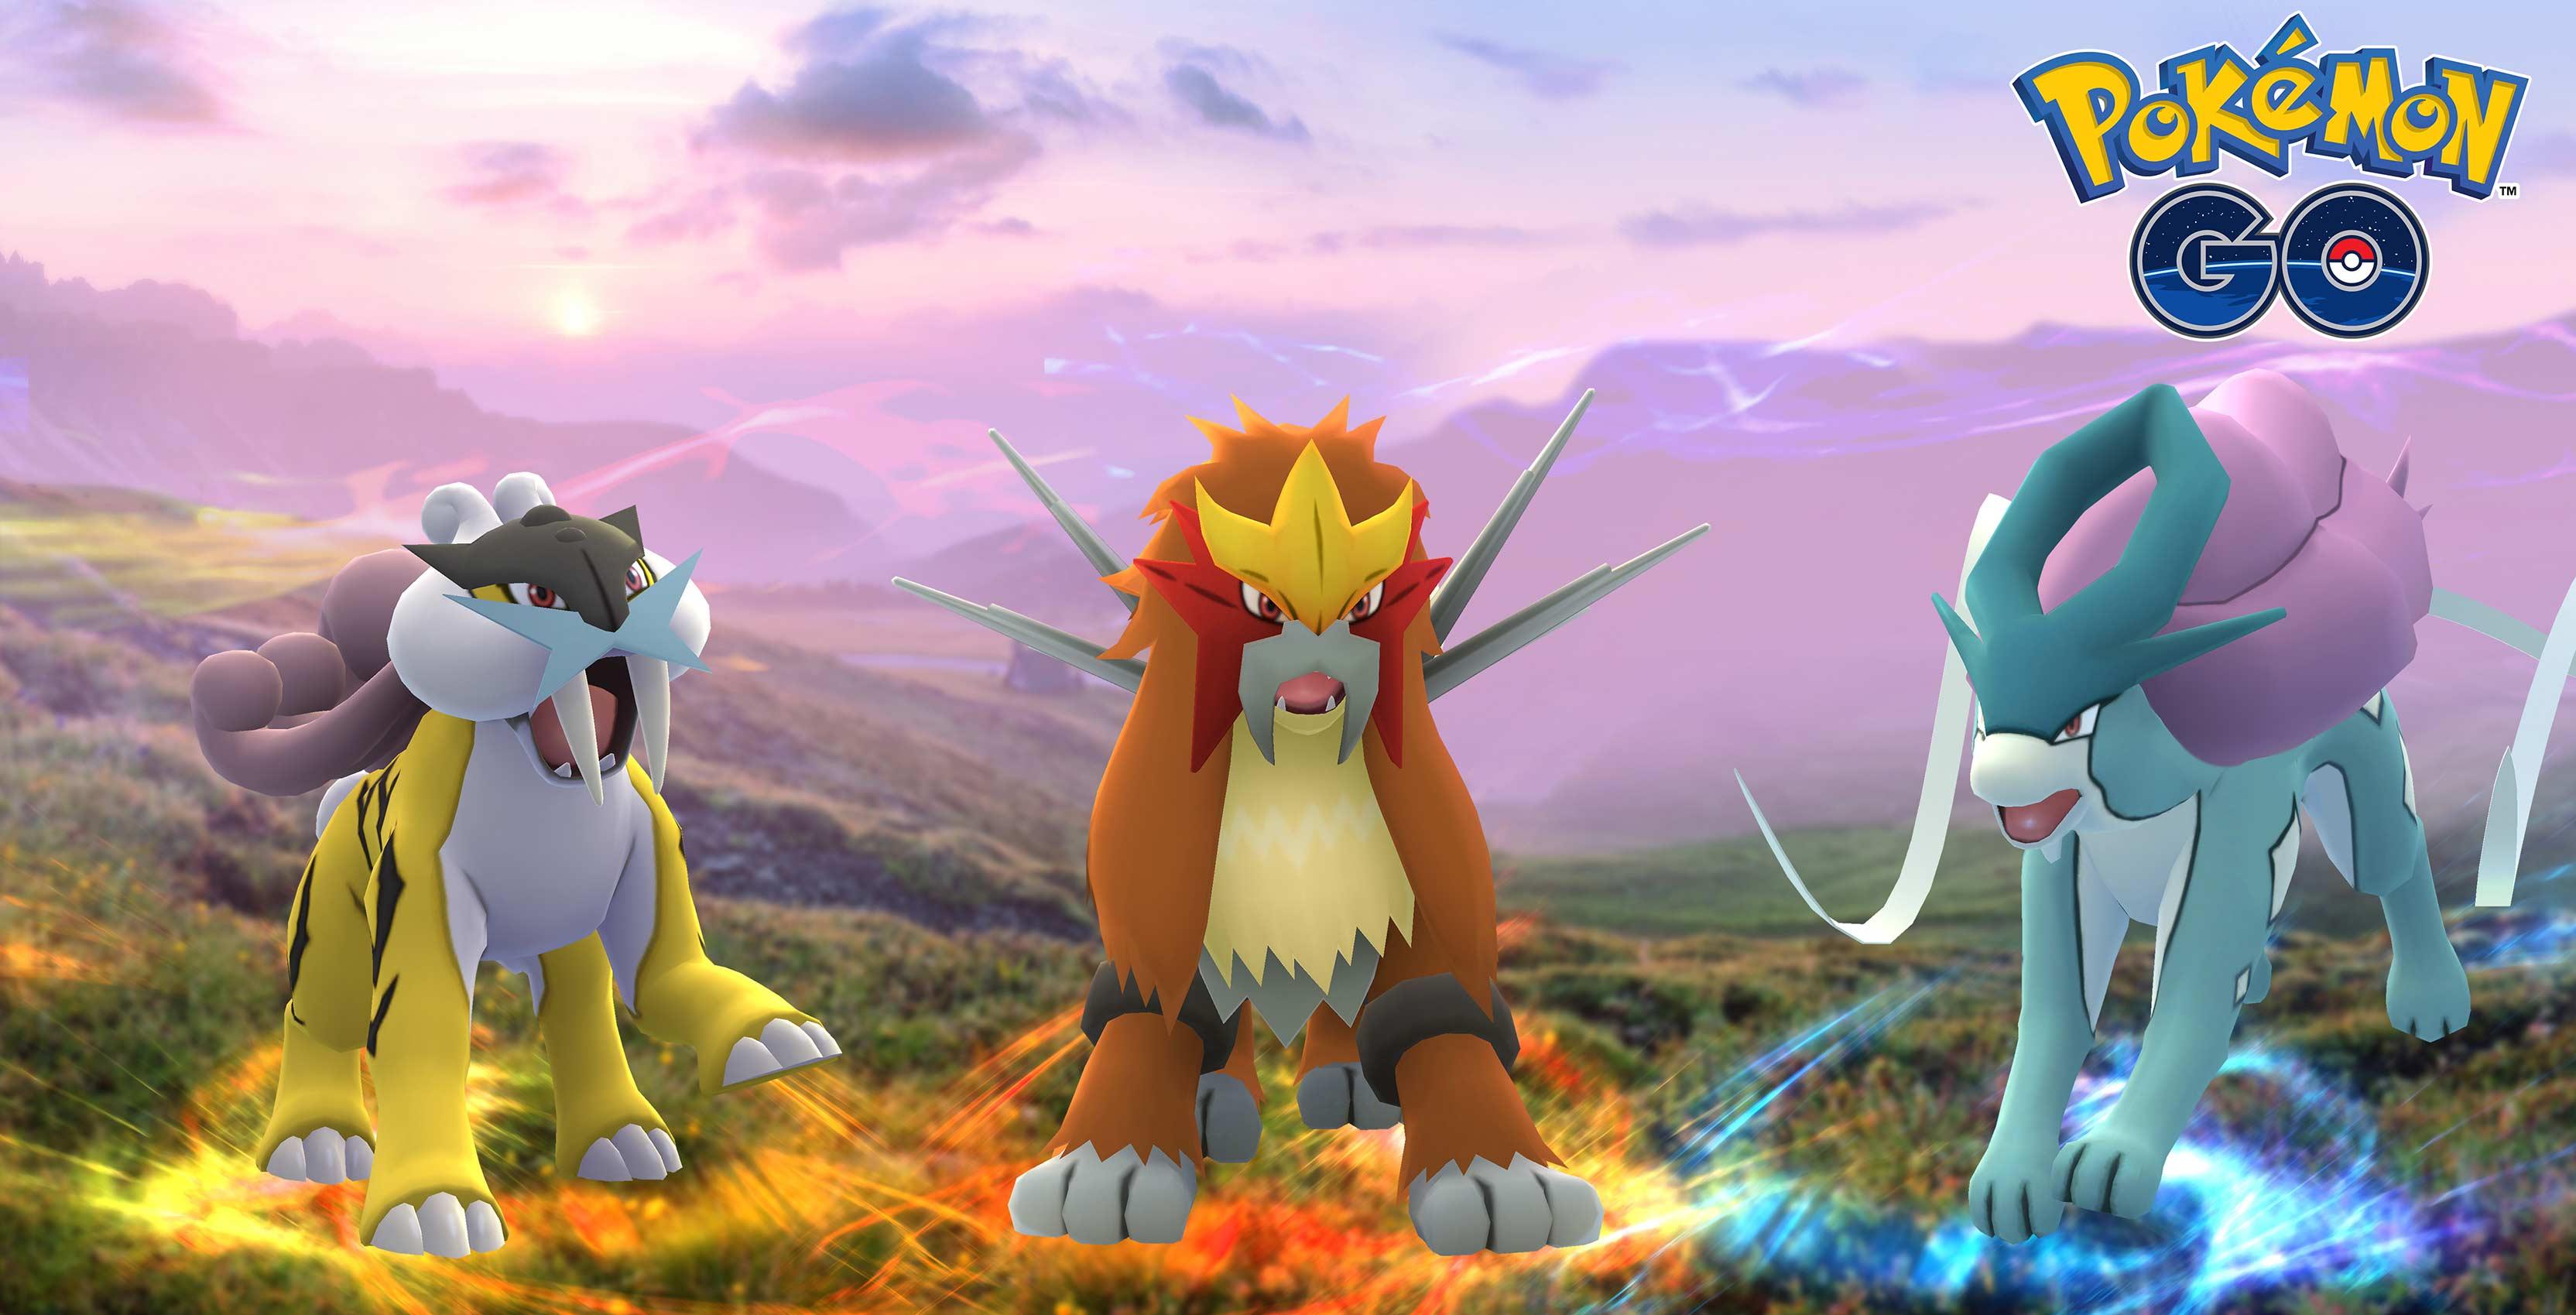 Pokemon Legendary, Entei, Raikou and Suicune